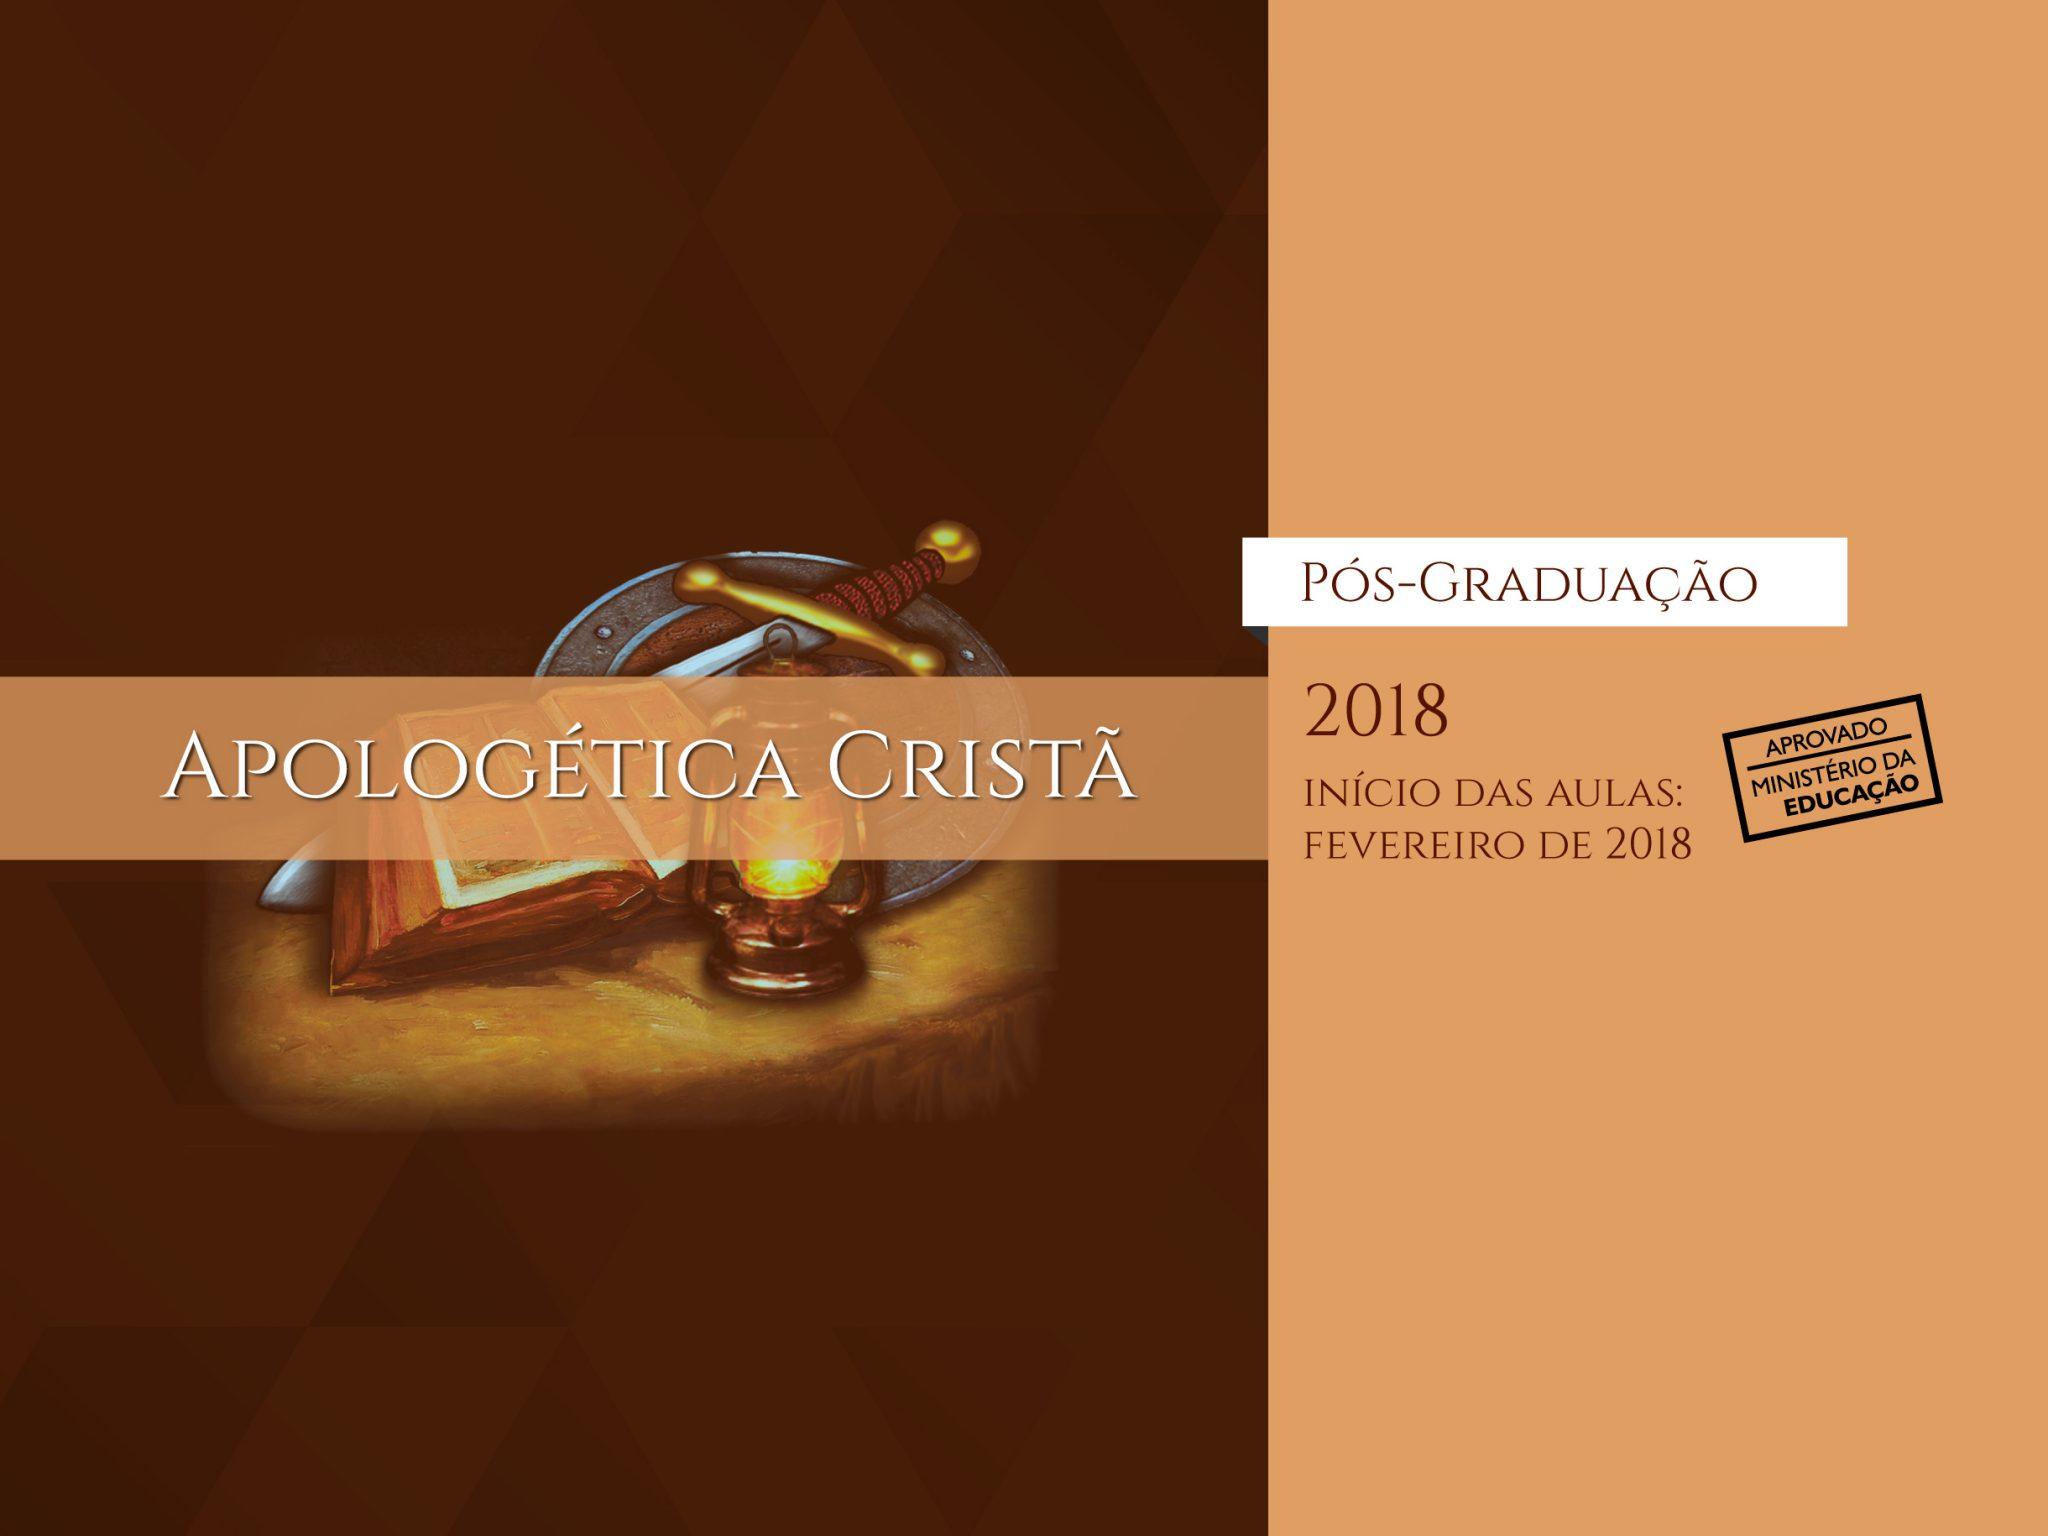 apologética cristã pós graduação 2018 início da aulas em fevereiro de 2018 aprovado ministério da educação